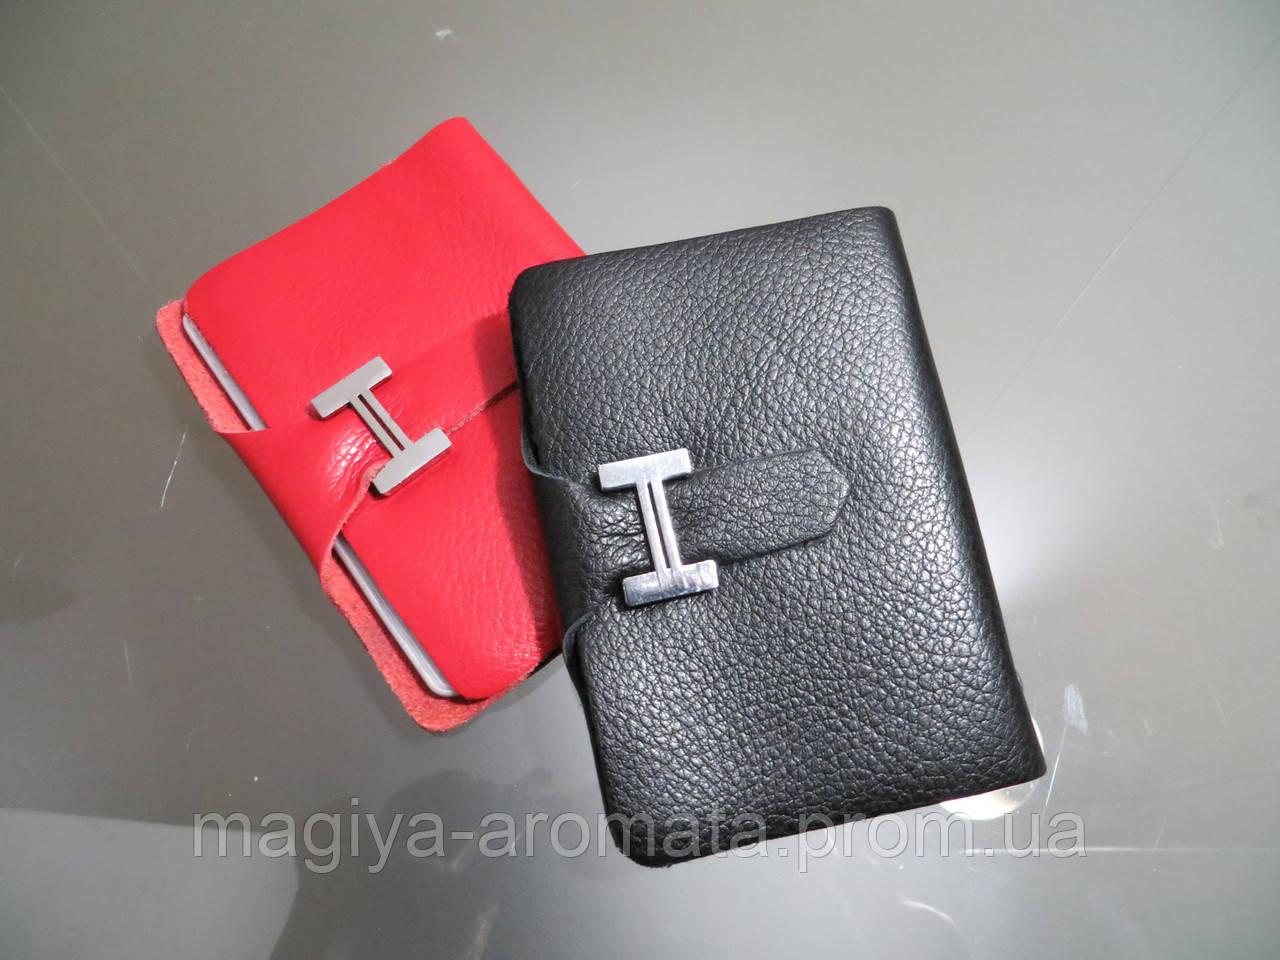 9457f6f88523 Визитница кожаная Hermes Original quality цвет черный красный - Магия  Аромата - Парфюмерия, Брендовые Сумки